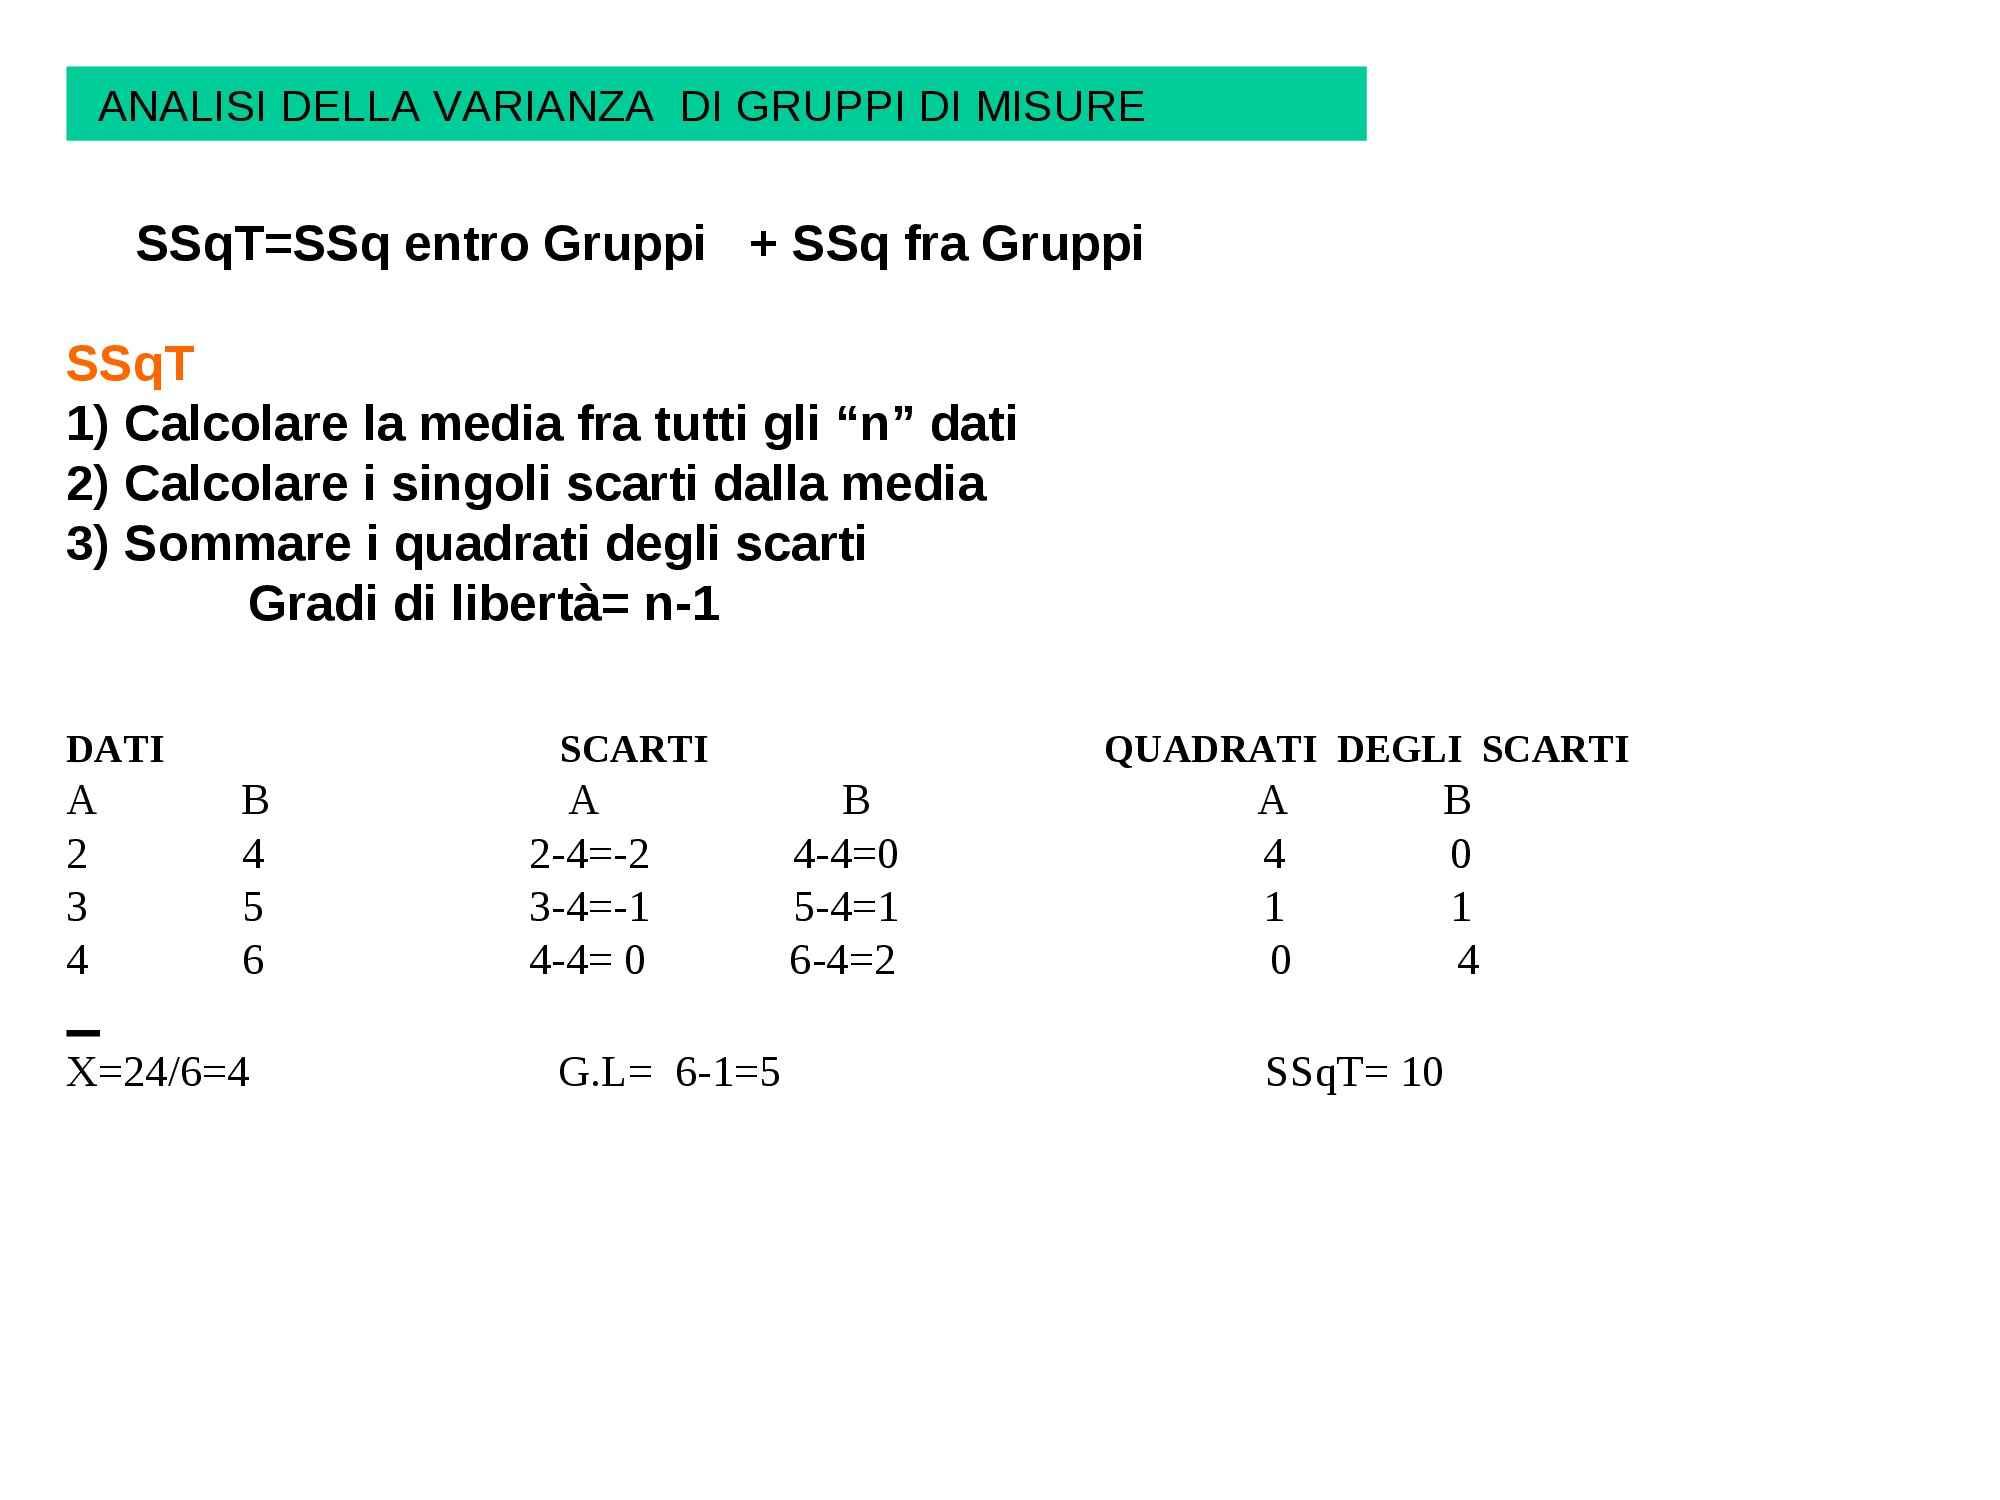 Analisi della varianza tra gruppi di misure